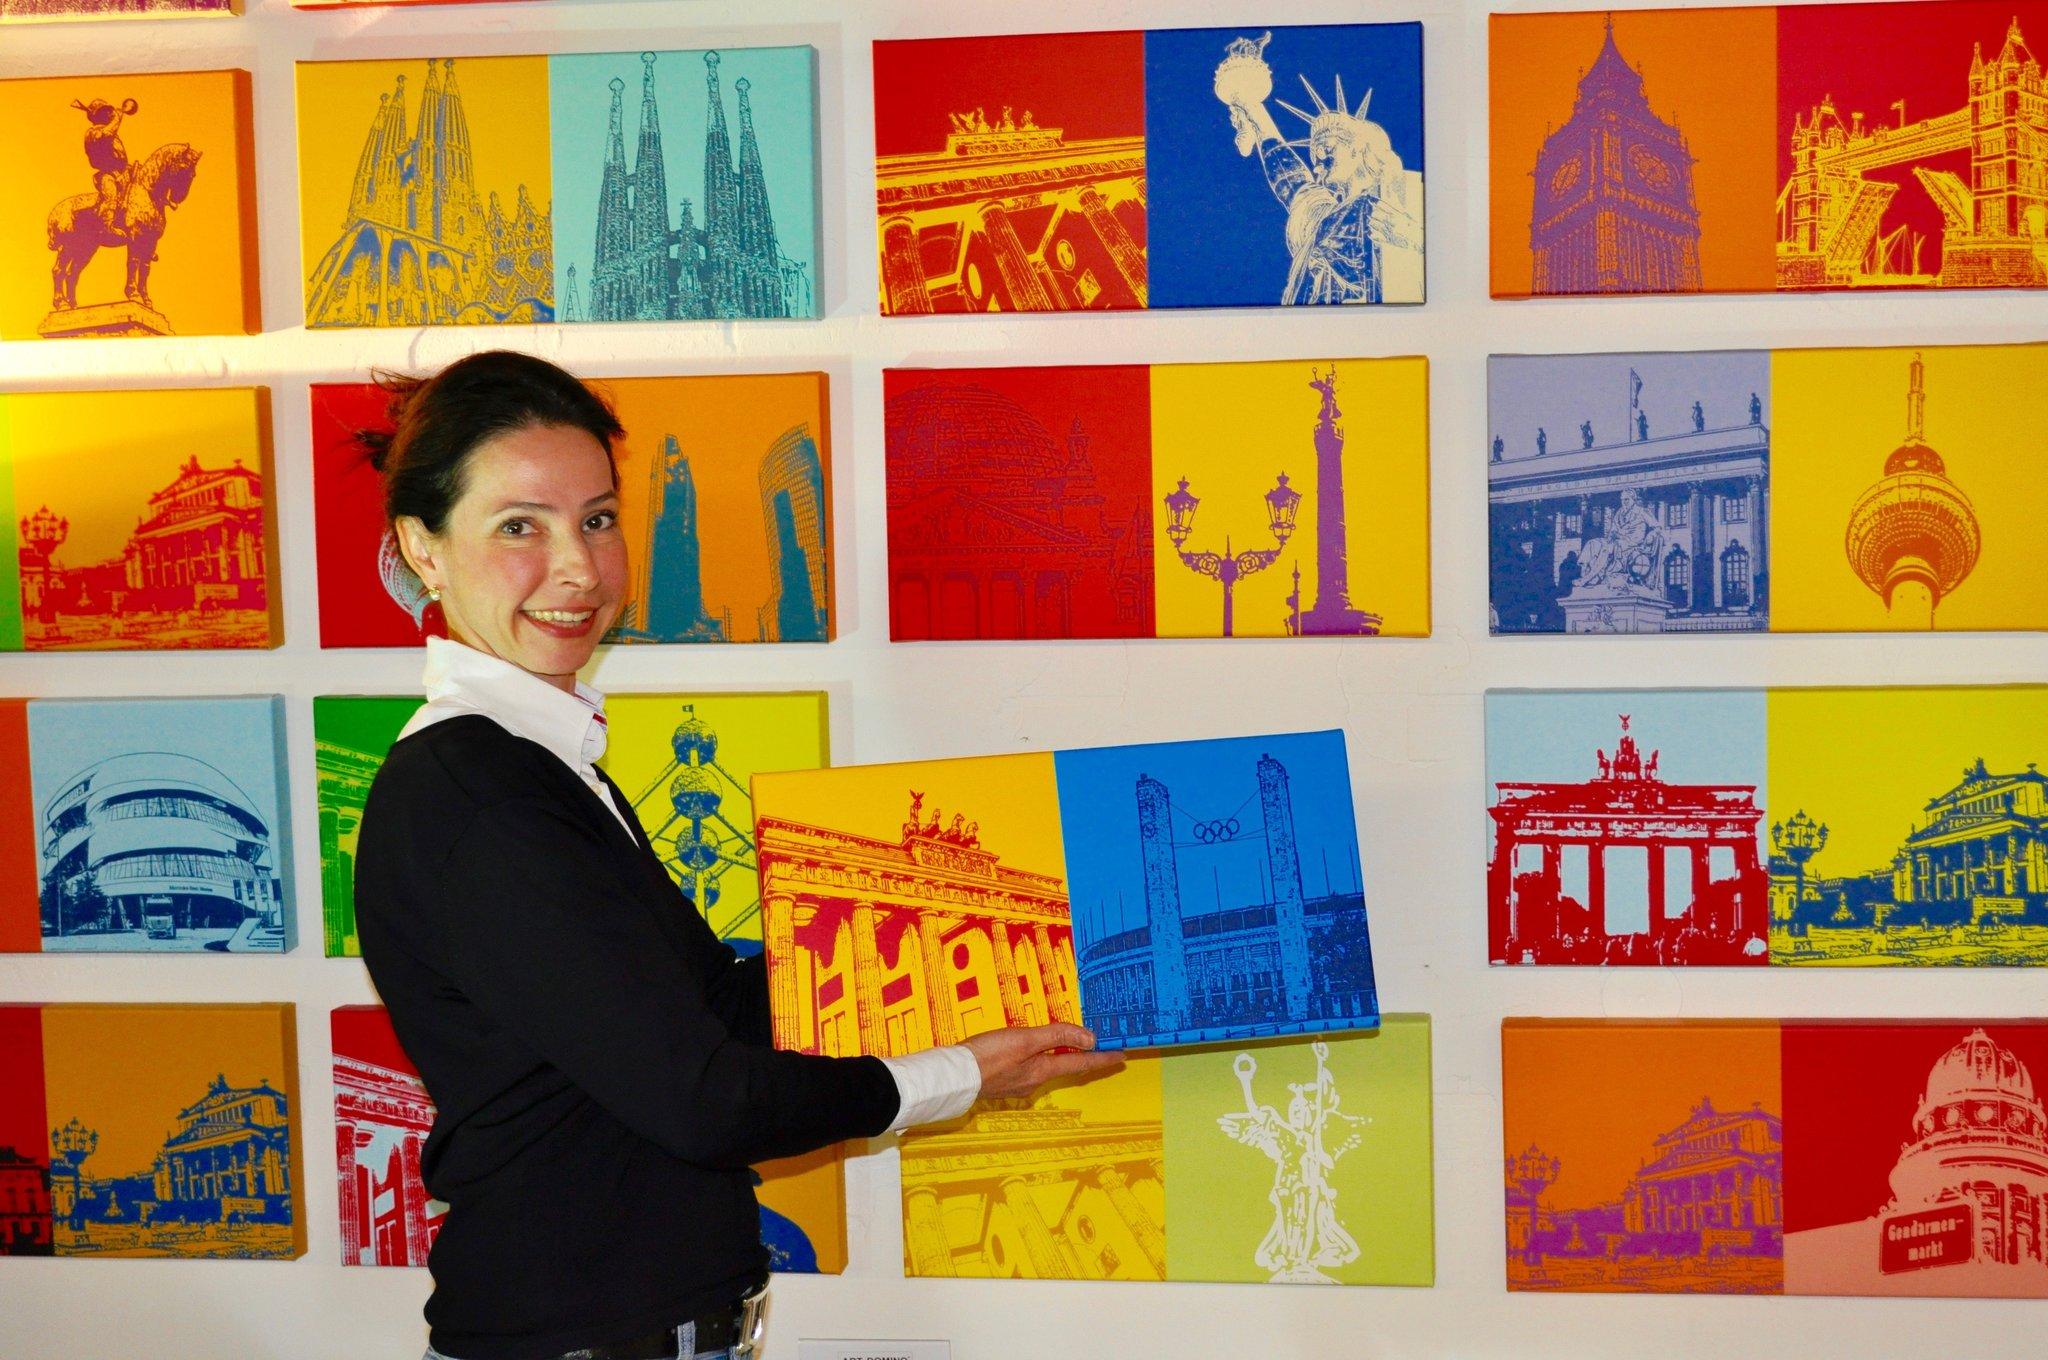 ART-DOMINO CITIES IN POP ART BY SABINE WELZ